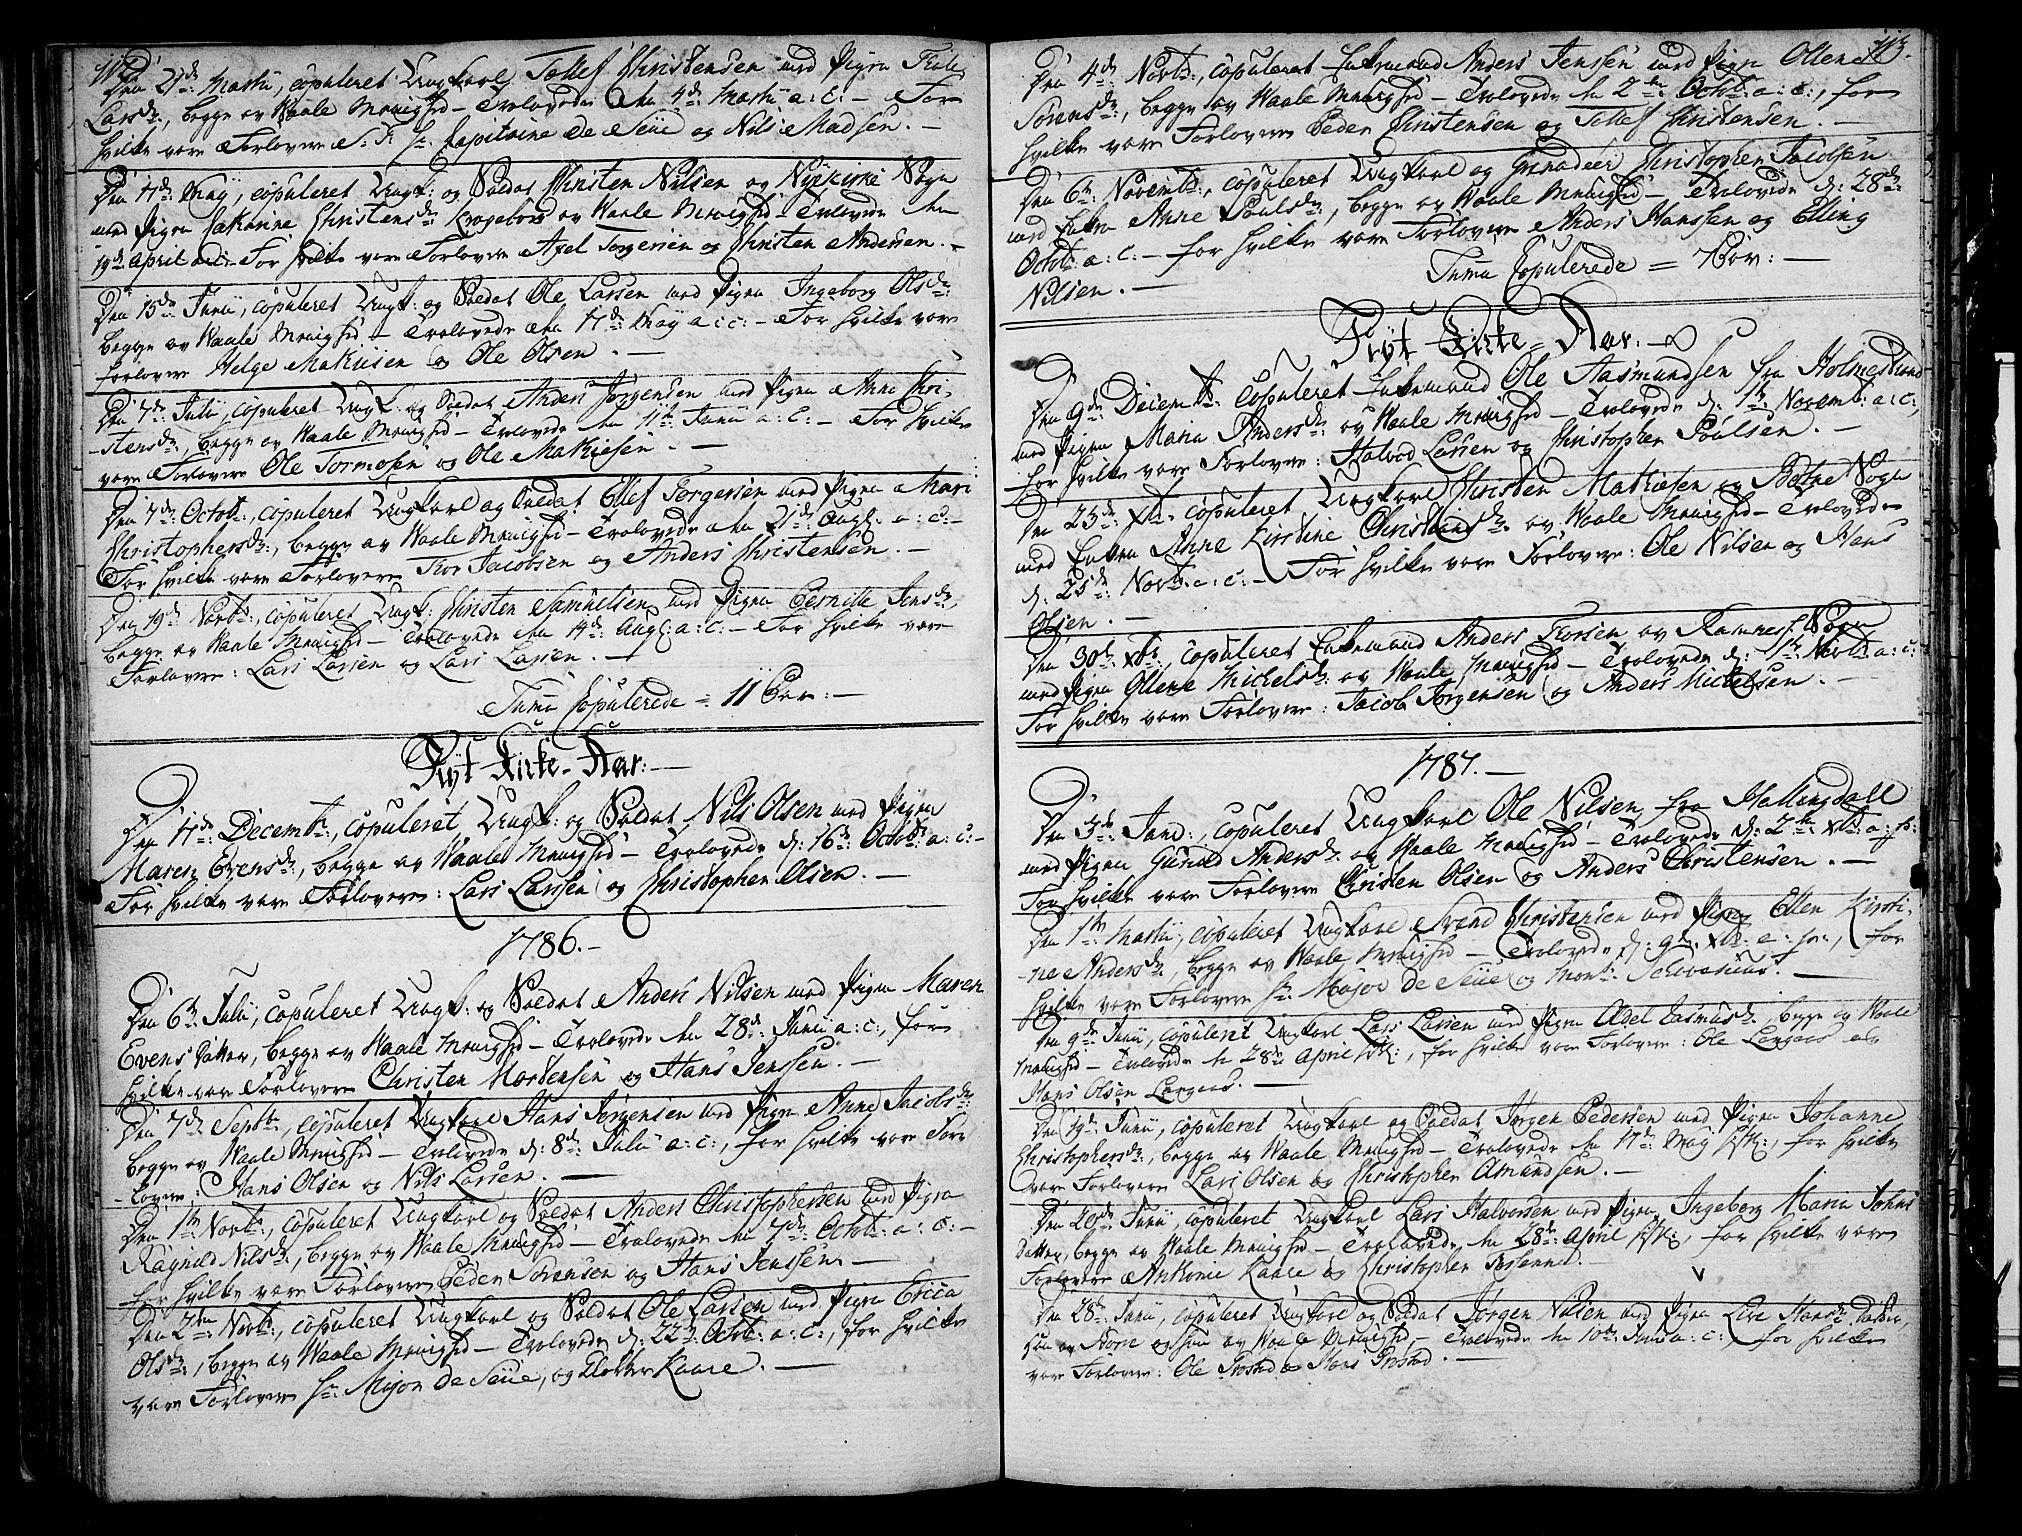 SAKO, Våle kirkebøker, F/Fa/L0005: Ministerialbok nr. I 5, 1773-1808, s. 112-113